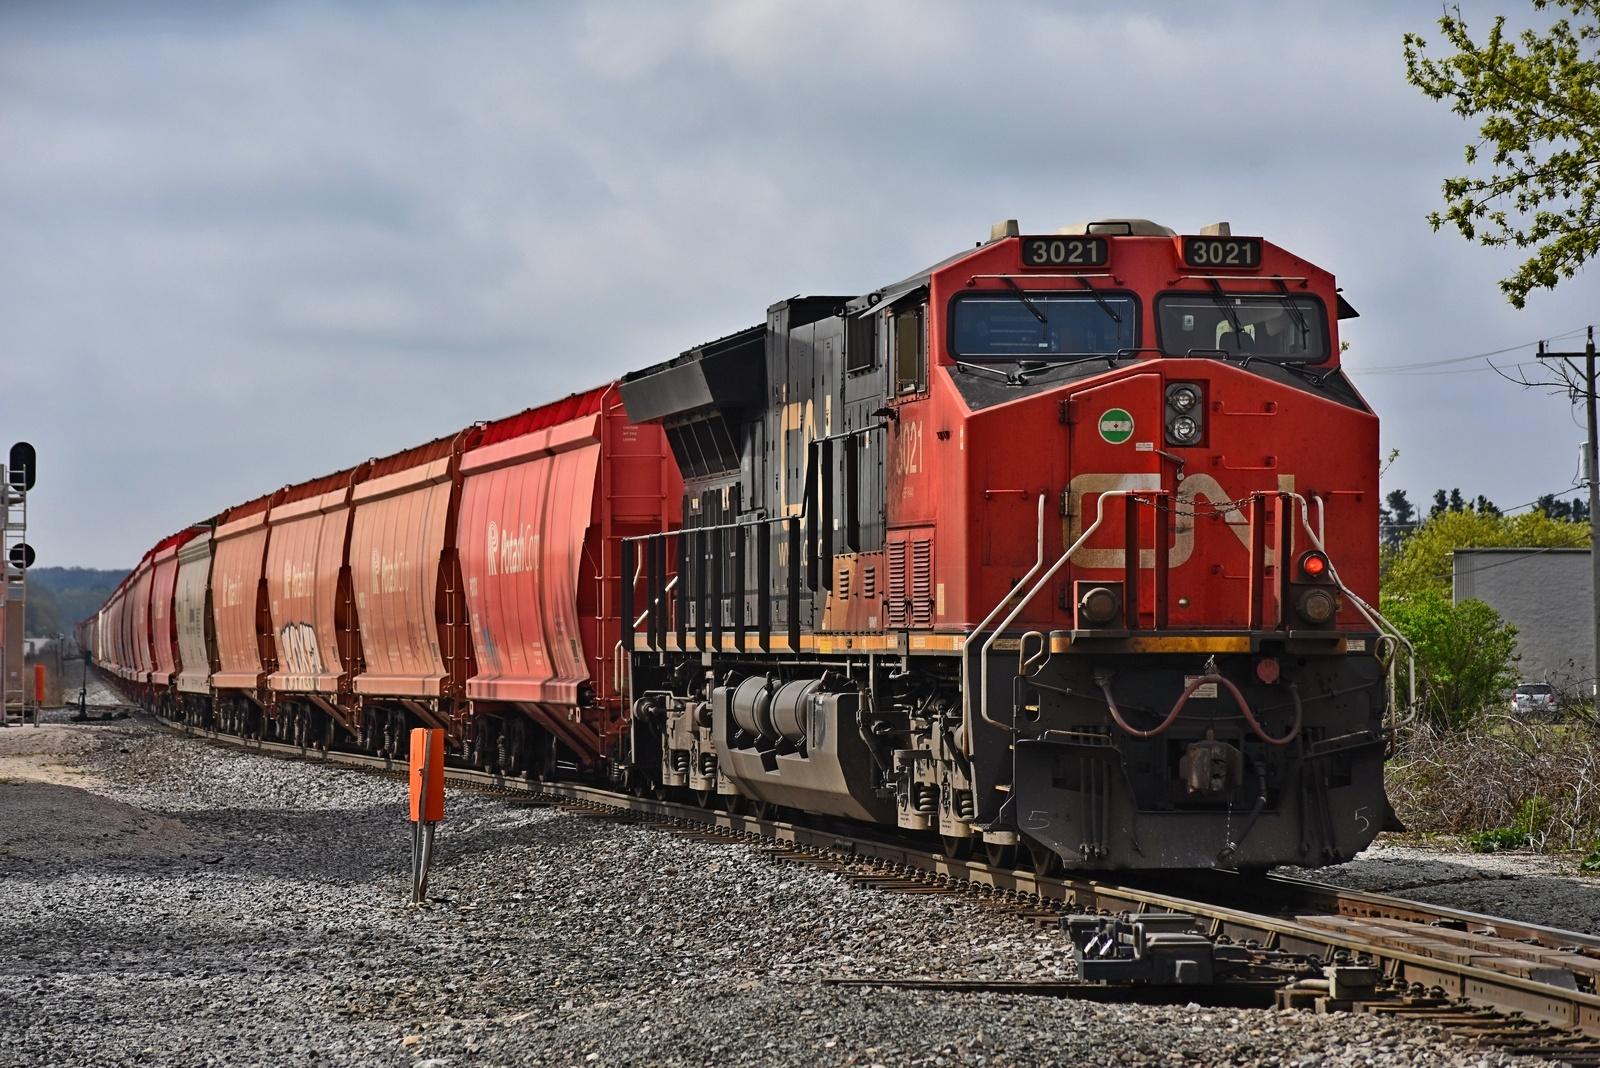 SB CN Potash Train - 2.jpg